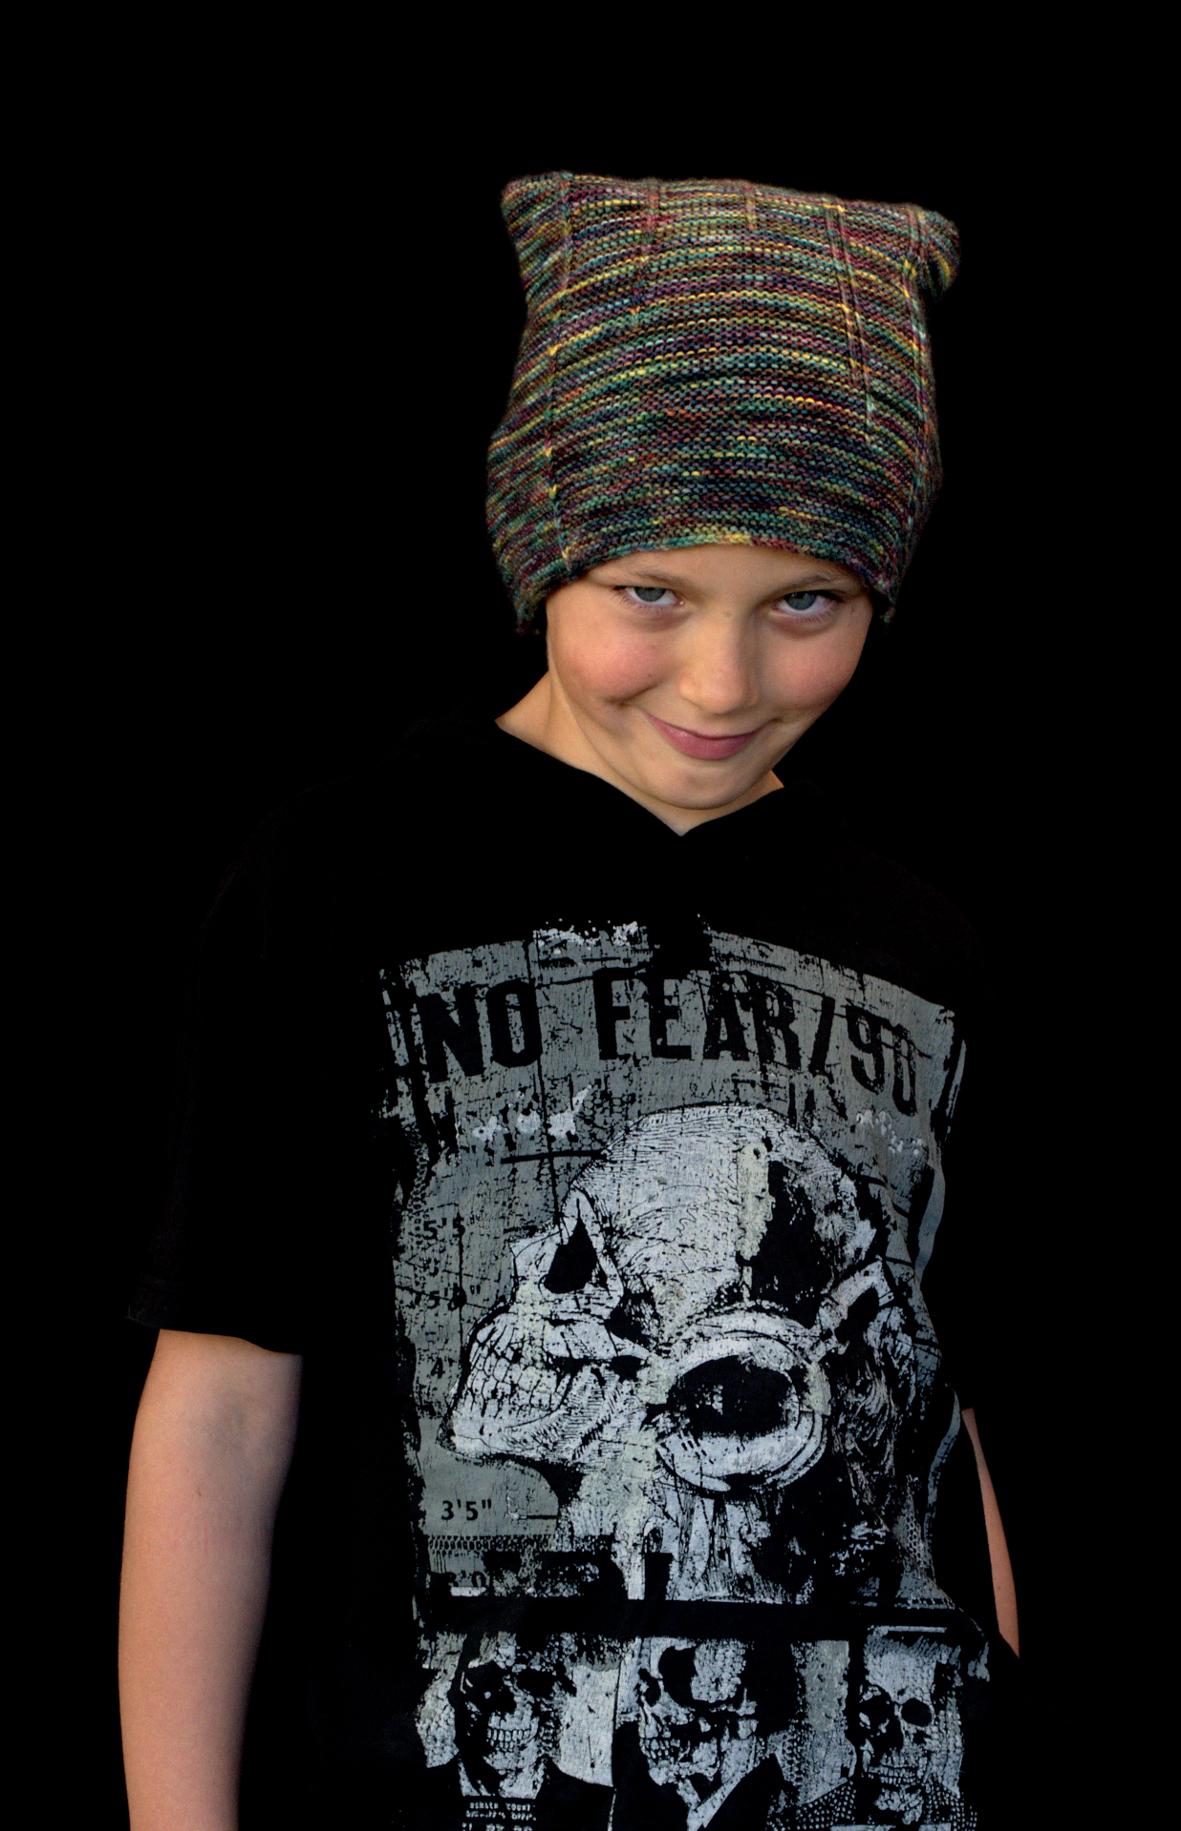 Allerton hand knitting pattern for skater style Hat